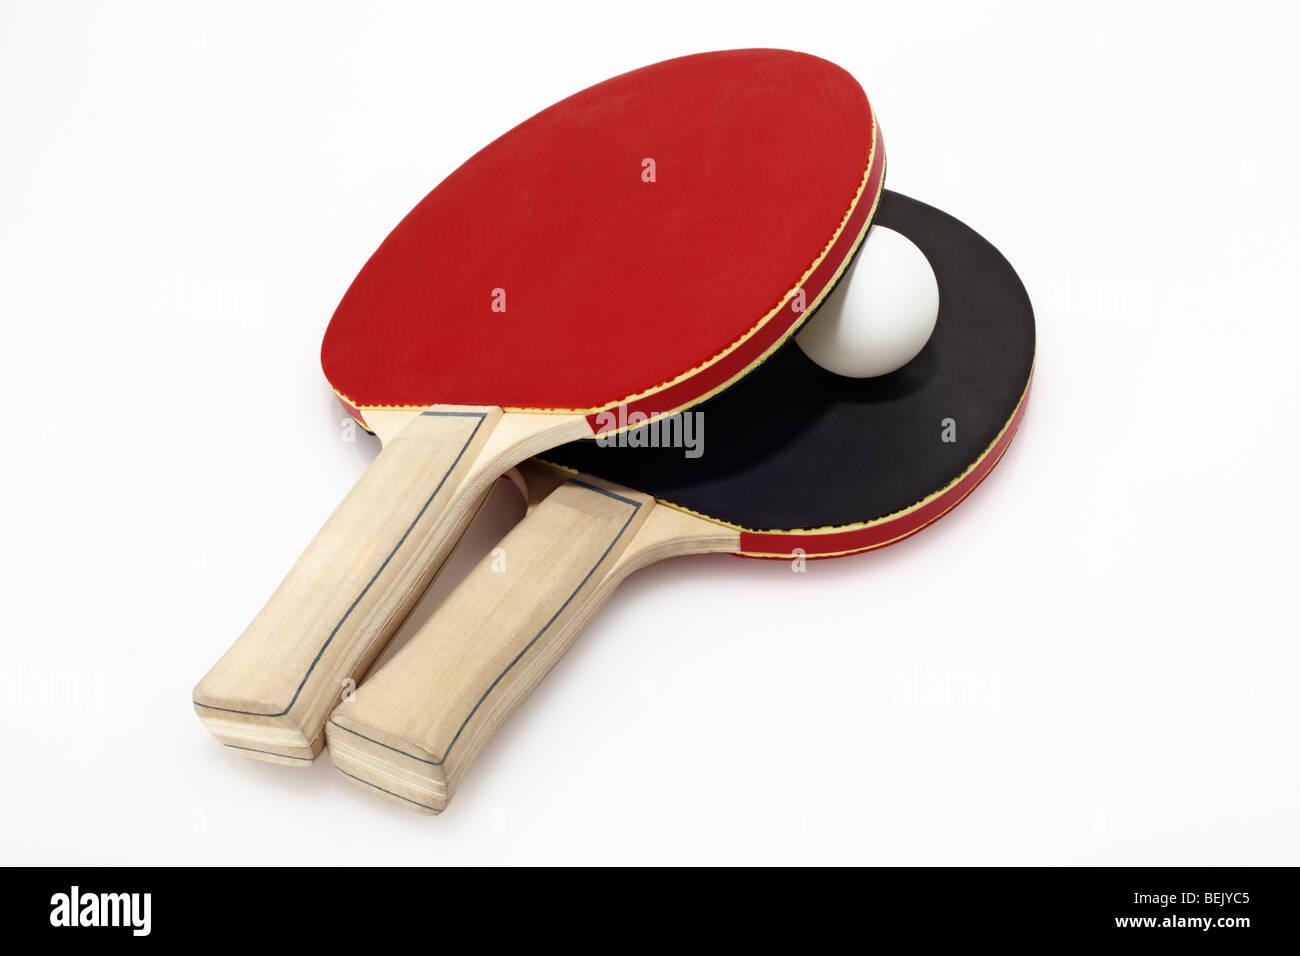 Tischtennisschlaeger - Stock Image